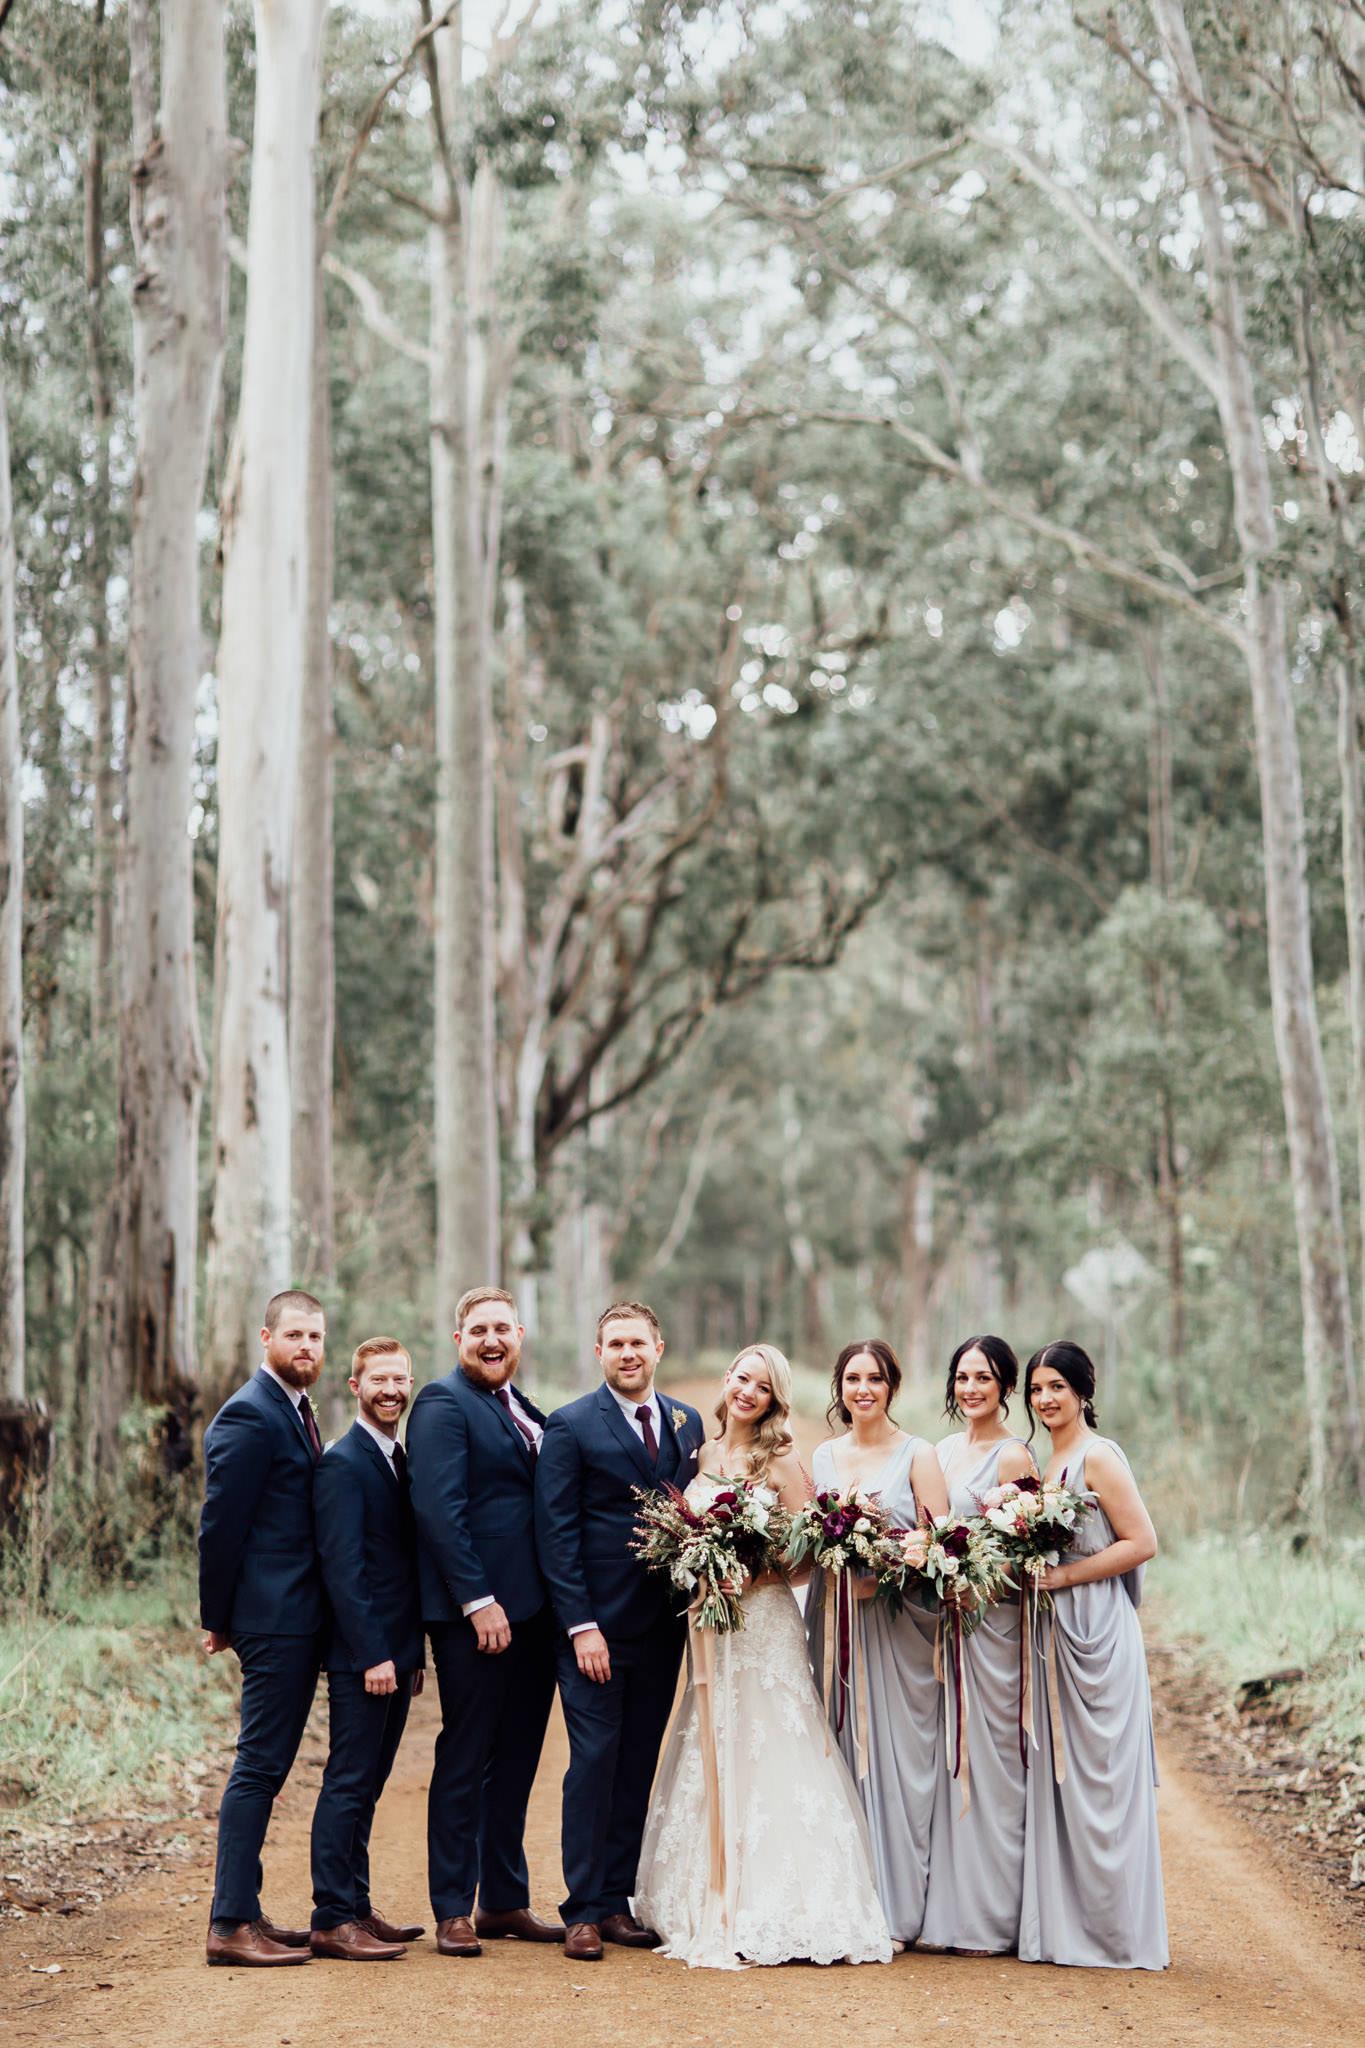 WeddingPhotos_Facebook_2048pixels-1074.jpg